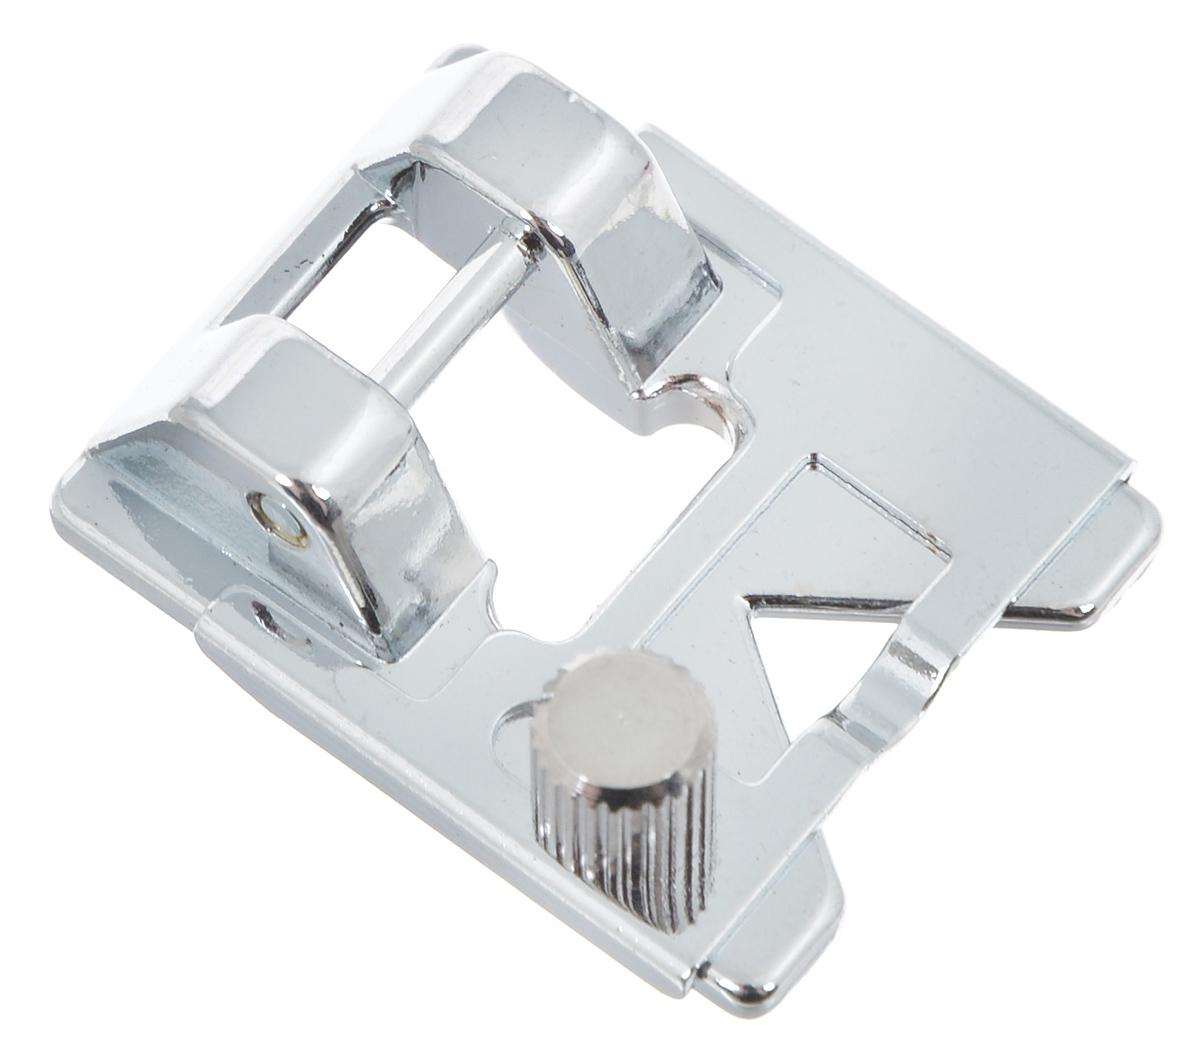 Лапка для швейной машины Aurora, для пришивания тесьмыVC ZIP Adapter SetЛапка для швейной машины Aurora используется для настрачивания тесьмы, лент, канта и прочих декоративных элементов шириной до 5 мм. Подходит для большинства современных бытовых швейных машин. Инструкция по использованию прилагается.